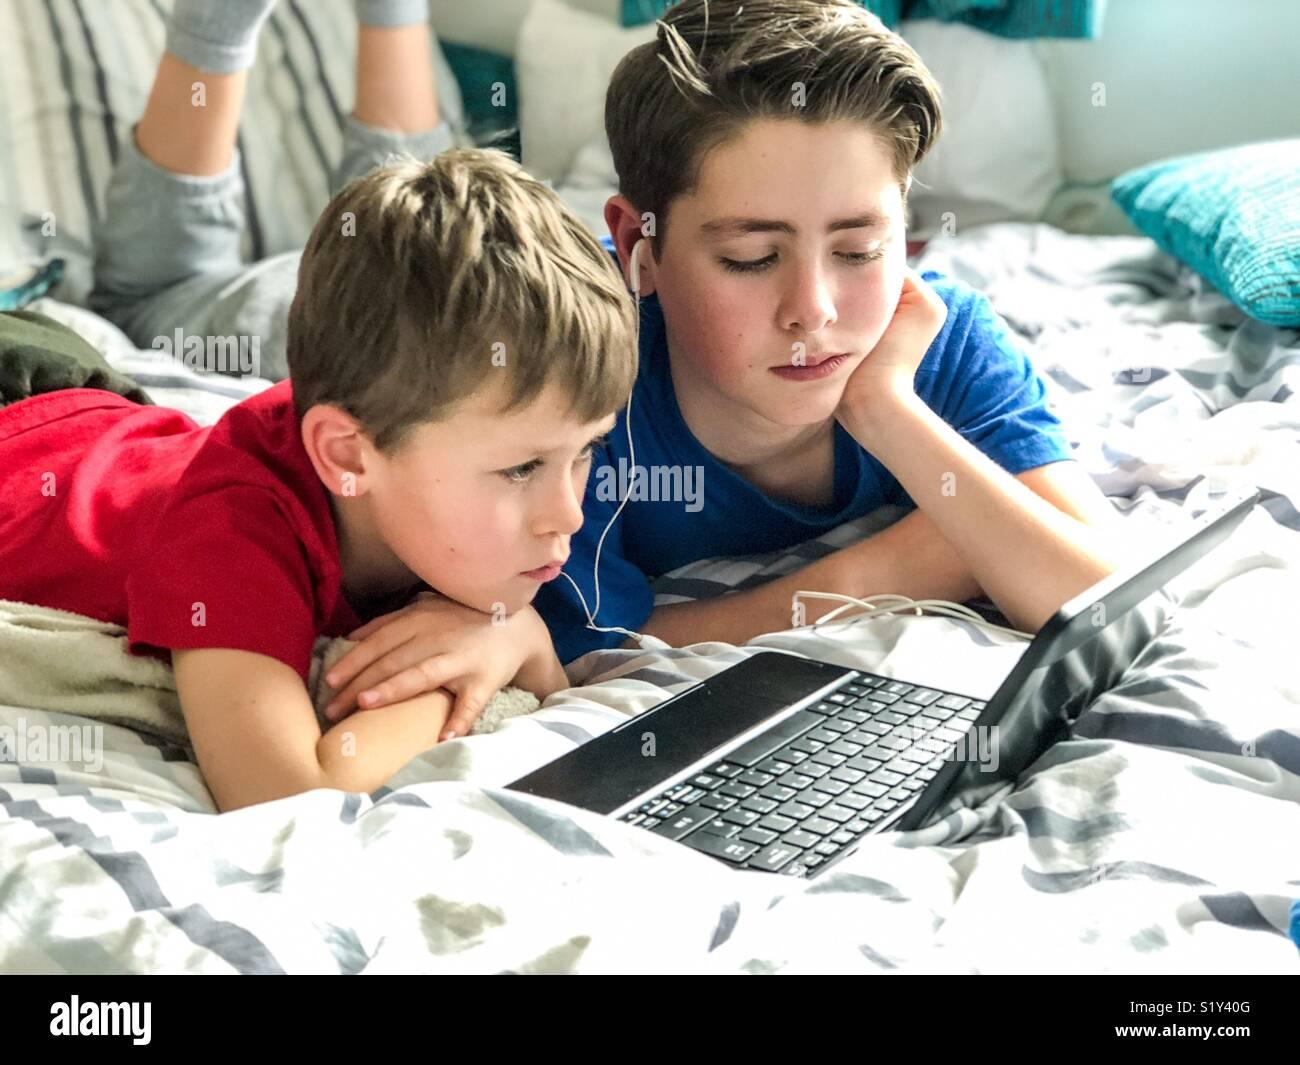 Deux jeunes garçons regarder YouTube sur un dimanche après-midi de détente au Royaume-Uni. Photo Stock